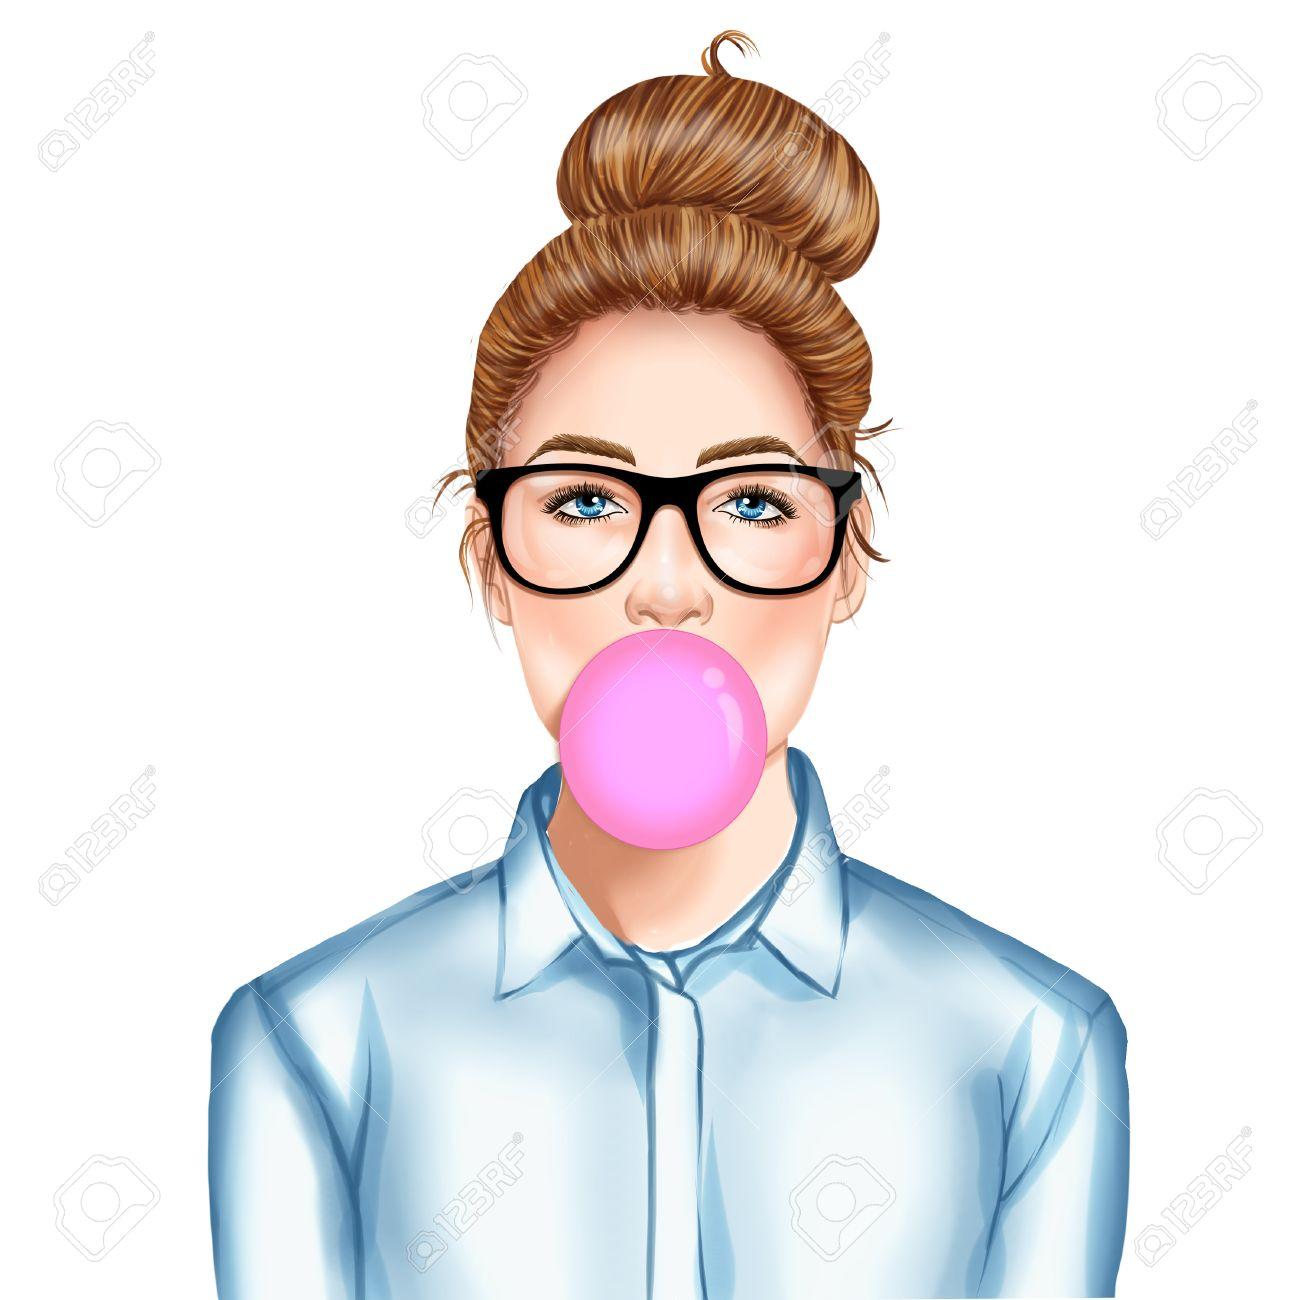 手描きイラスト ラスター風船ガムを噛んでメガネで美しい若いきれいな